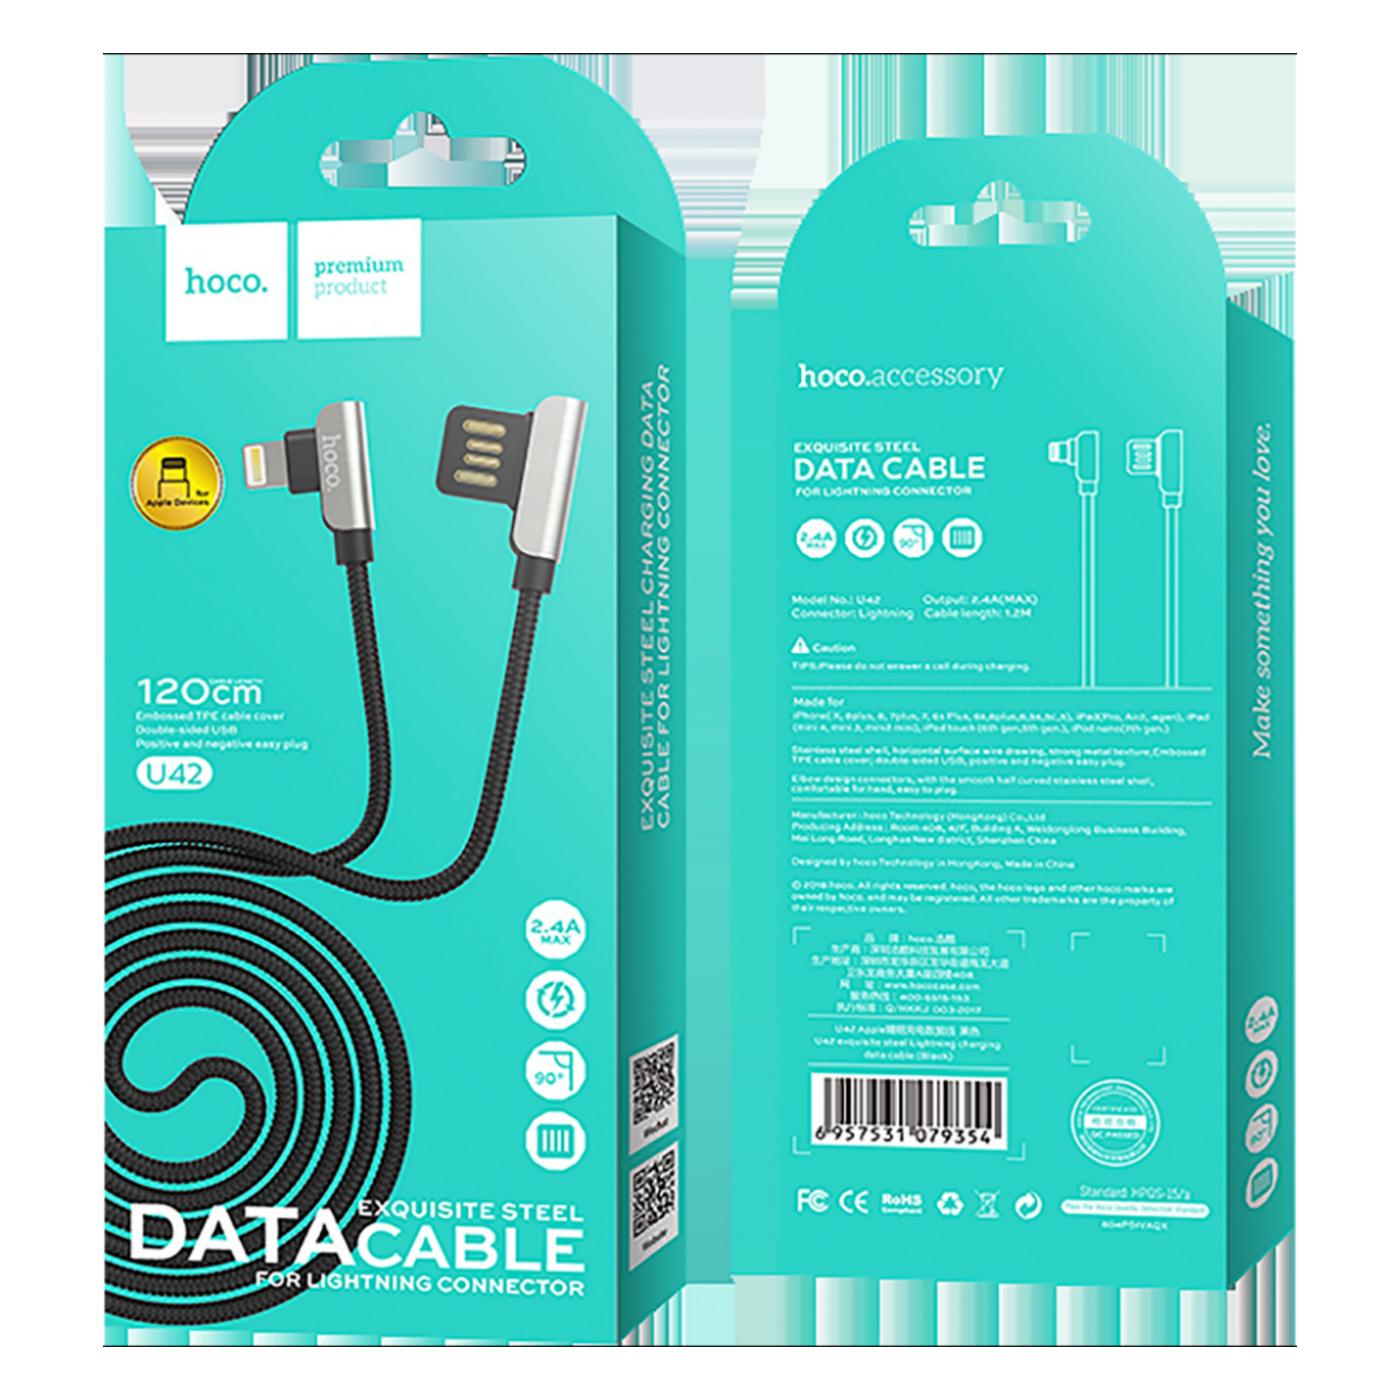 USB kabl za iPhone, Lightning kabl, 1.2 met., 2.4 A, crna